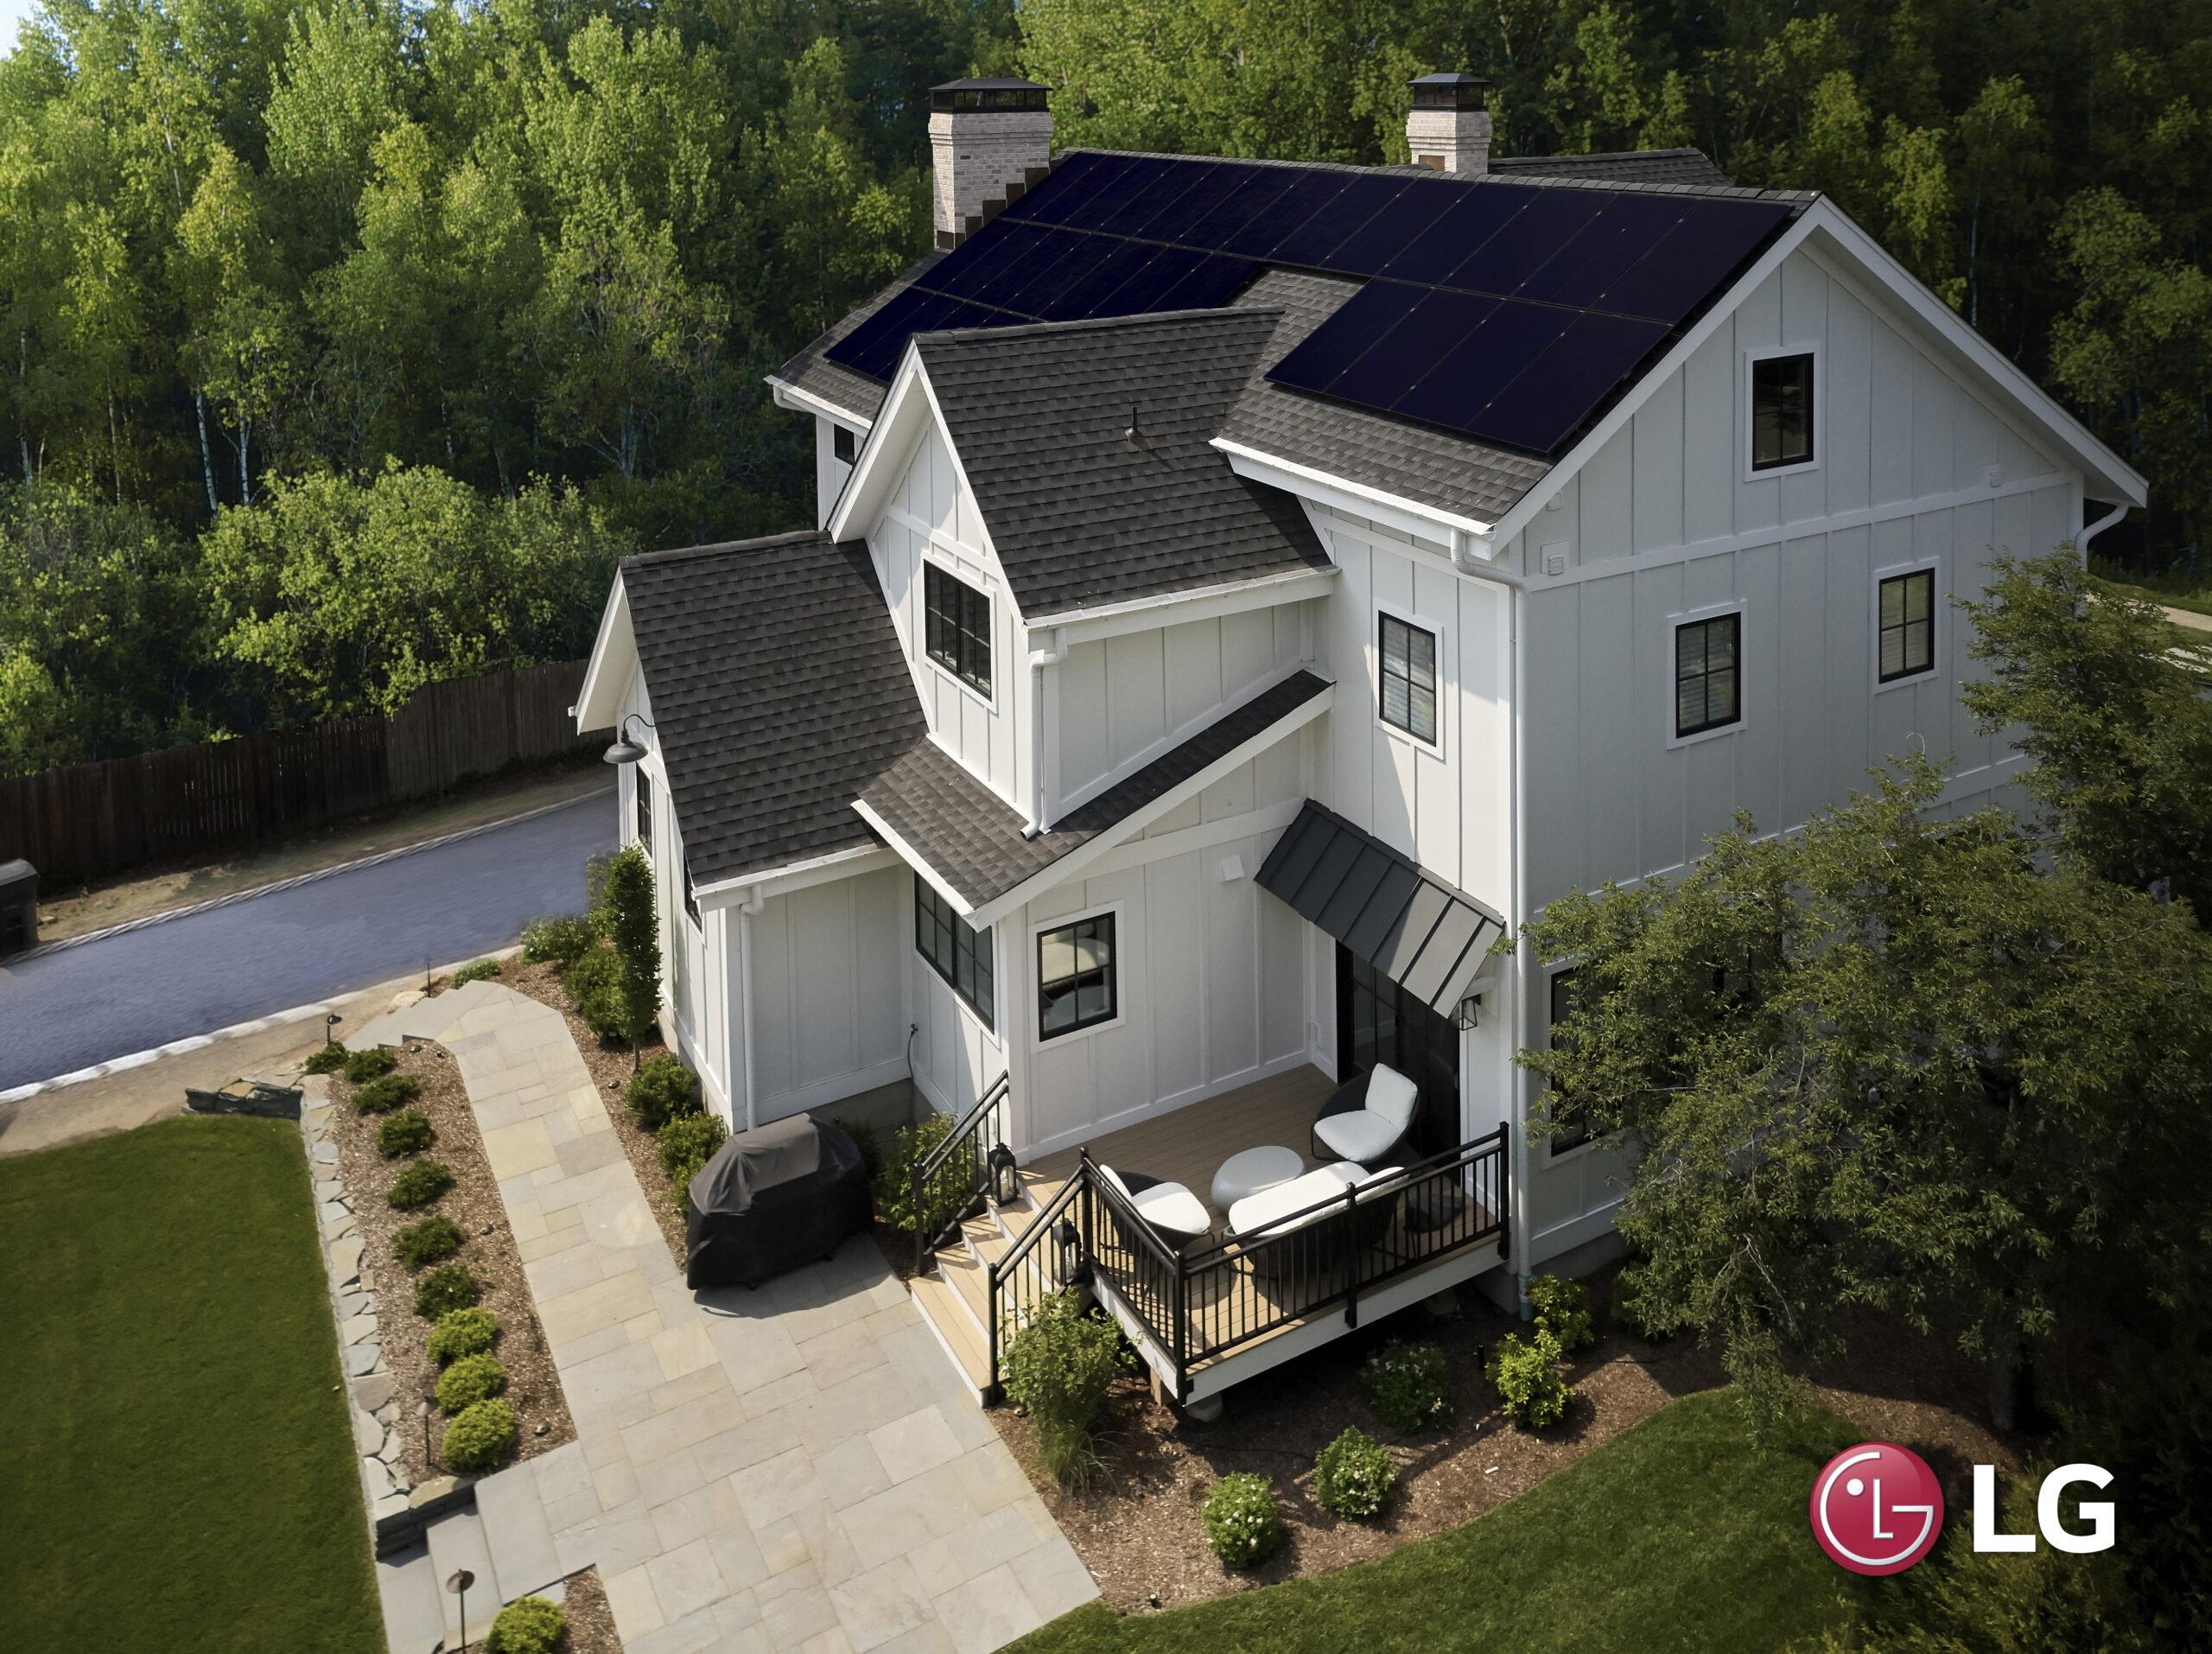 LG Solar Panels for homes in Denver